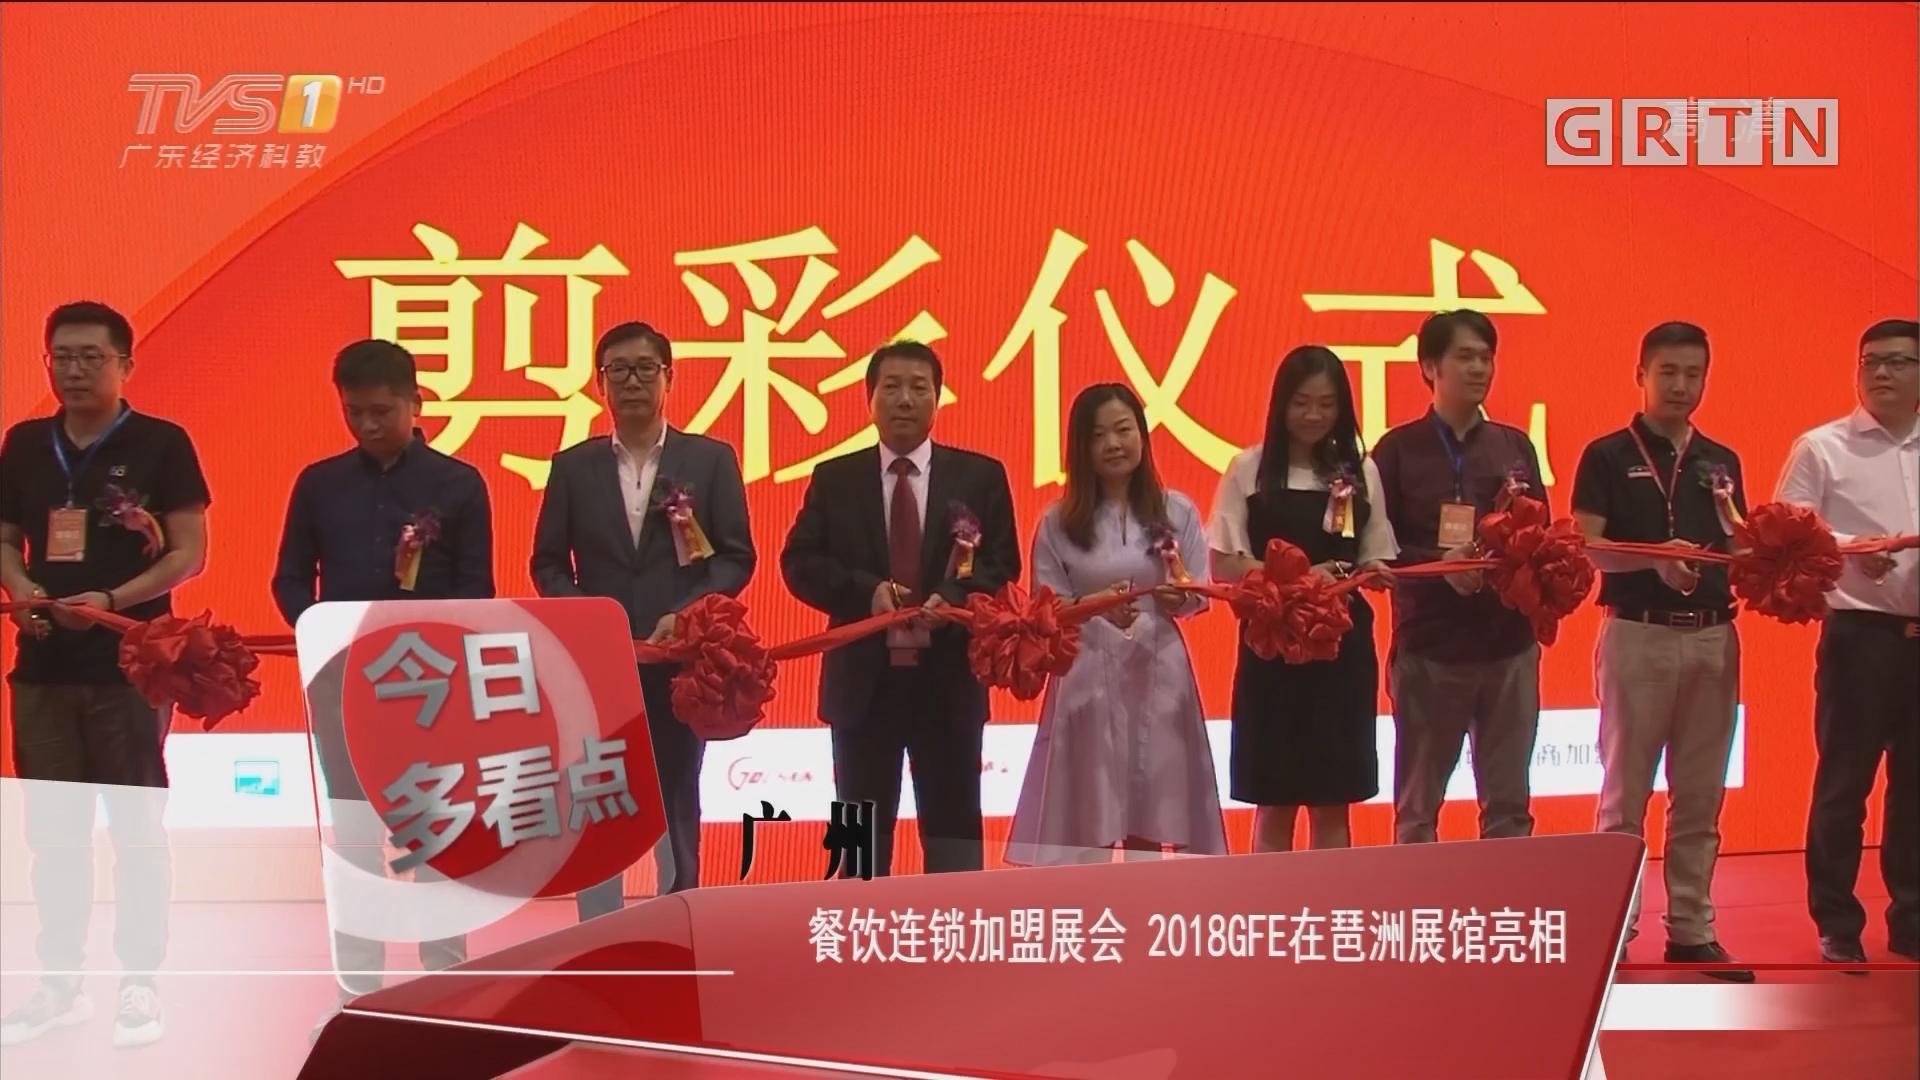 广州:餐饮连锁加盟展会 2018GFE在琶洲展馆亮相